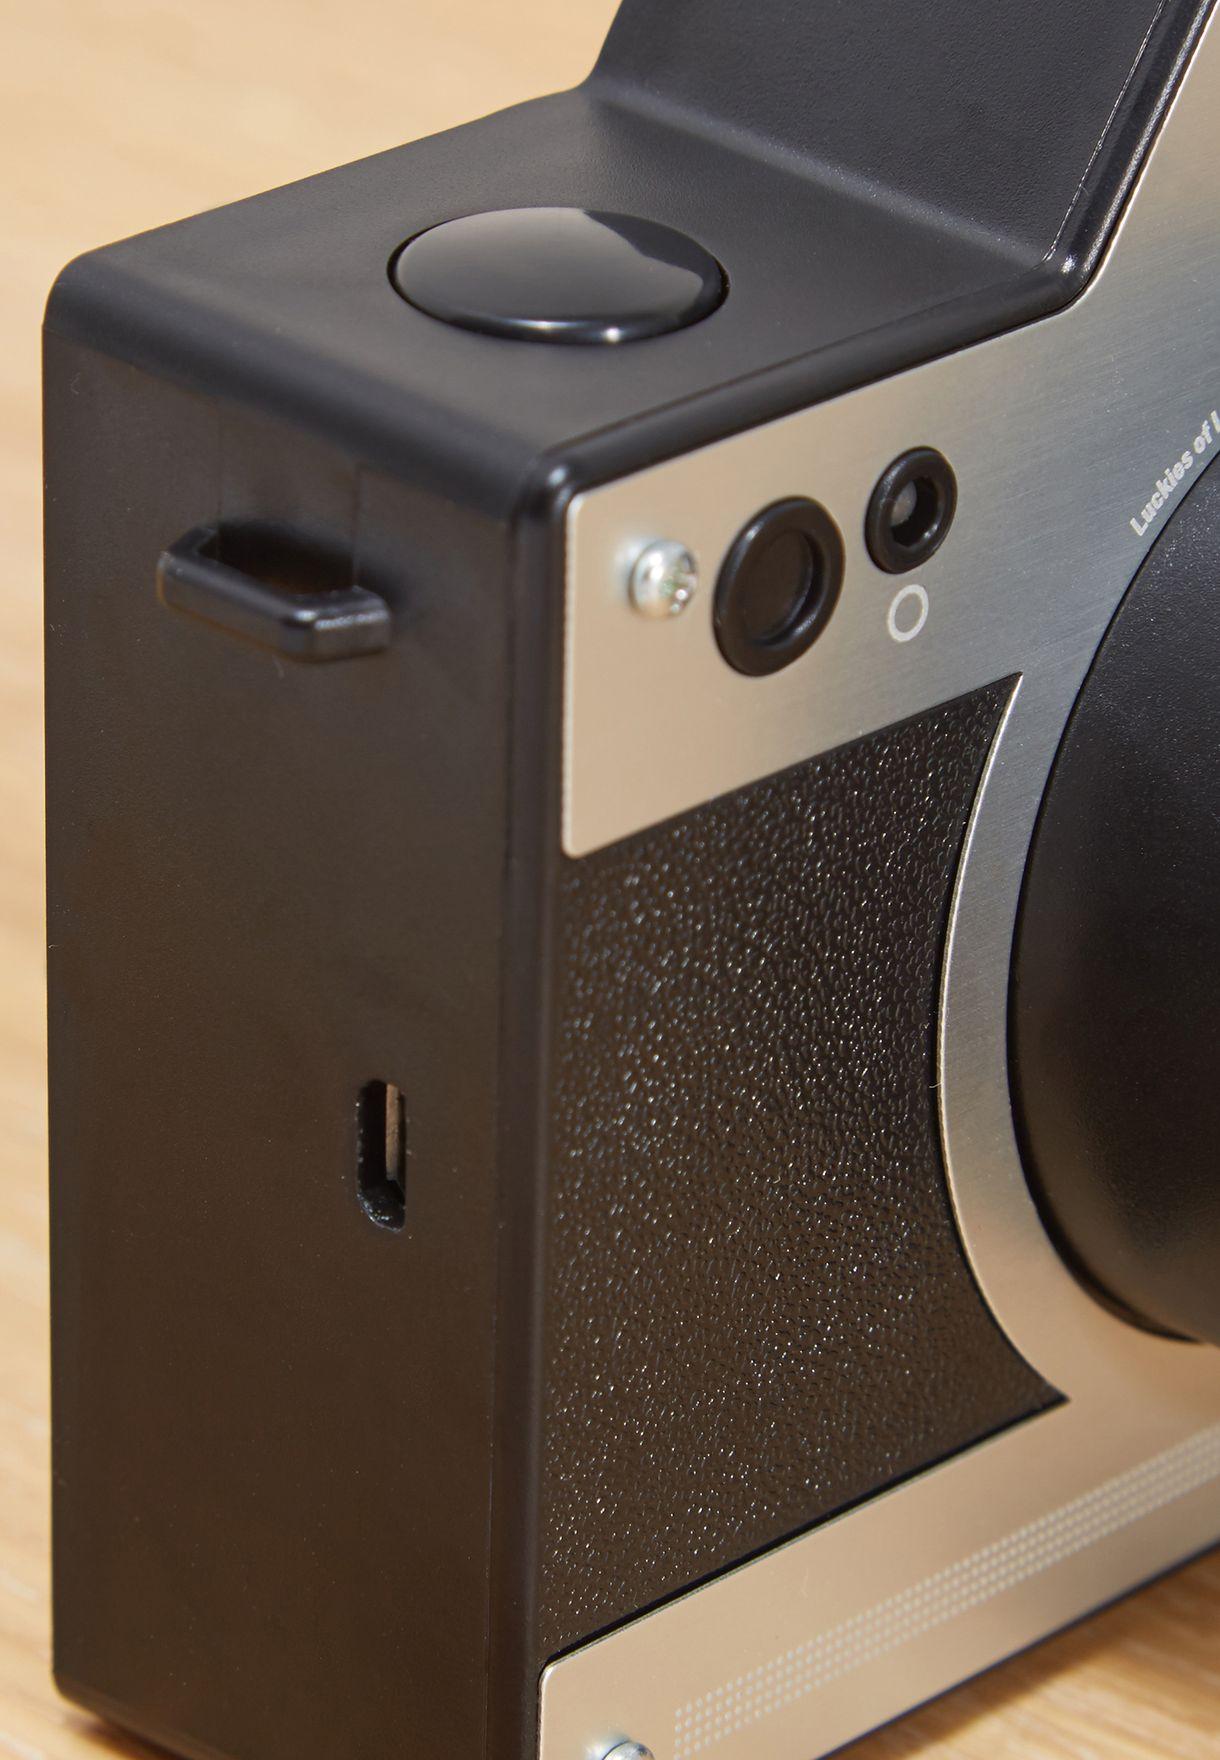 كاميرا رترو مع عدسات مضيئة